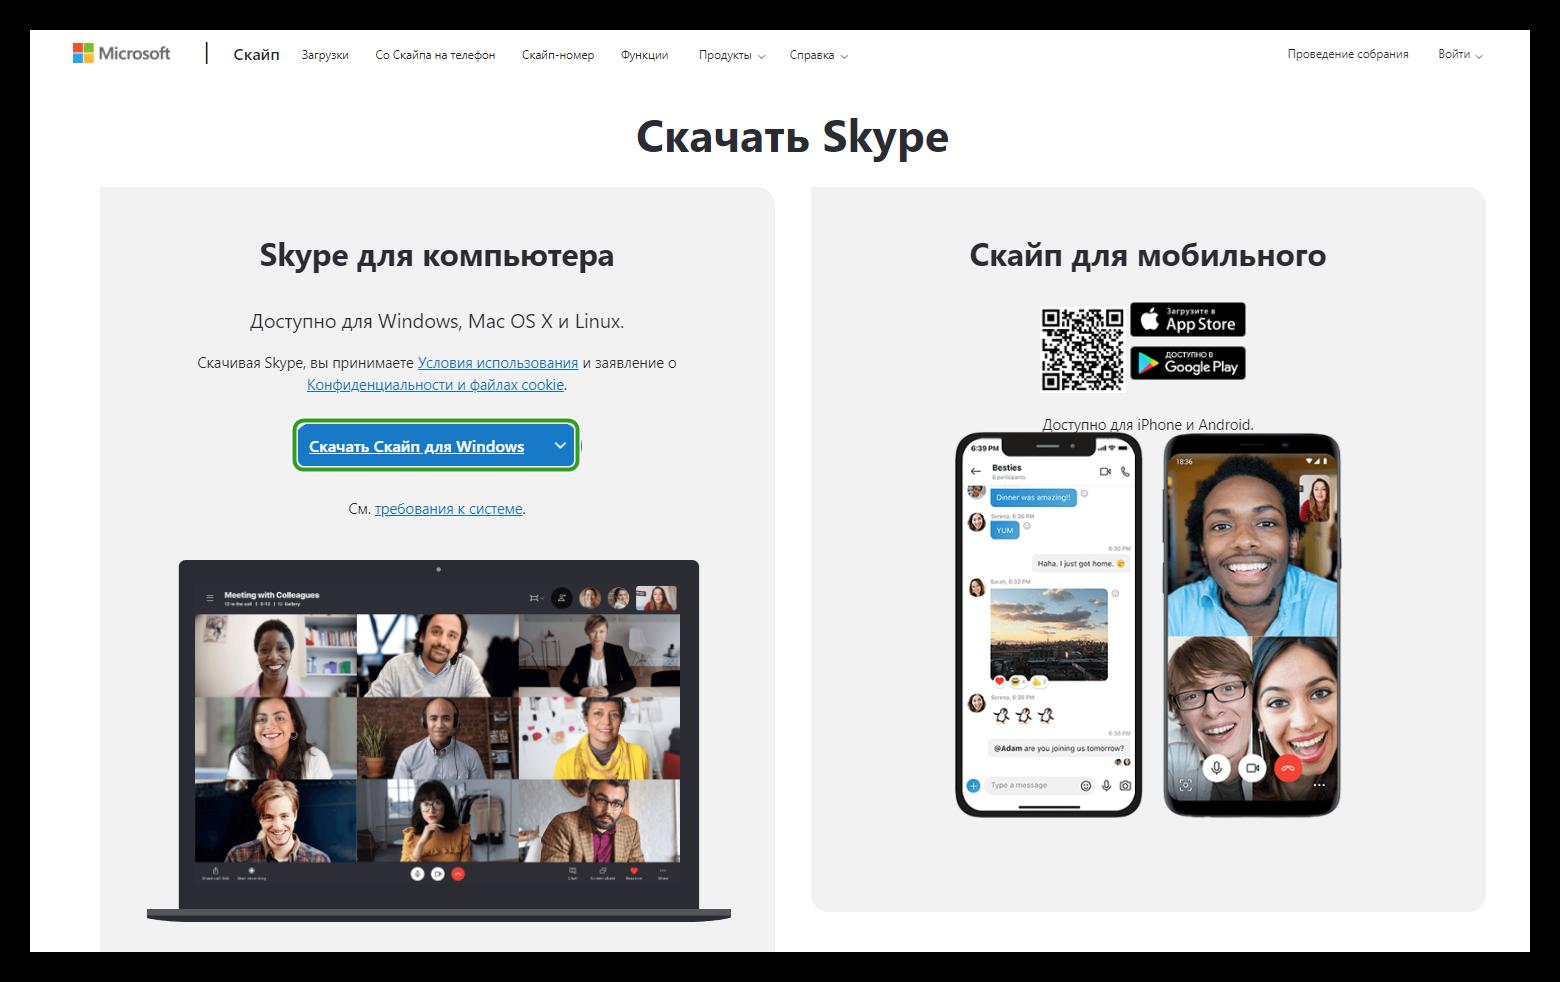 Скачать Skype для ноутбука